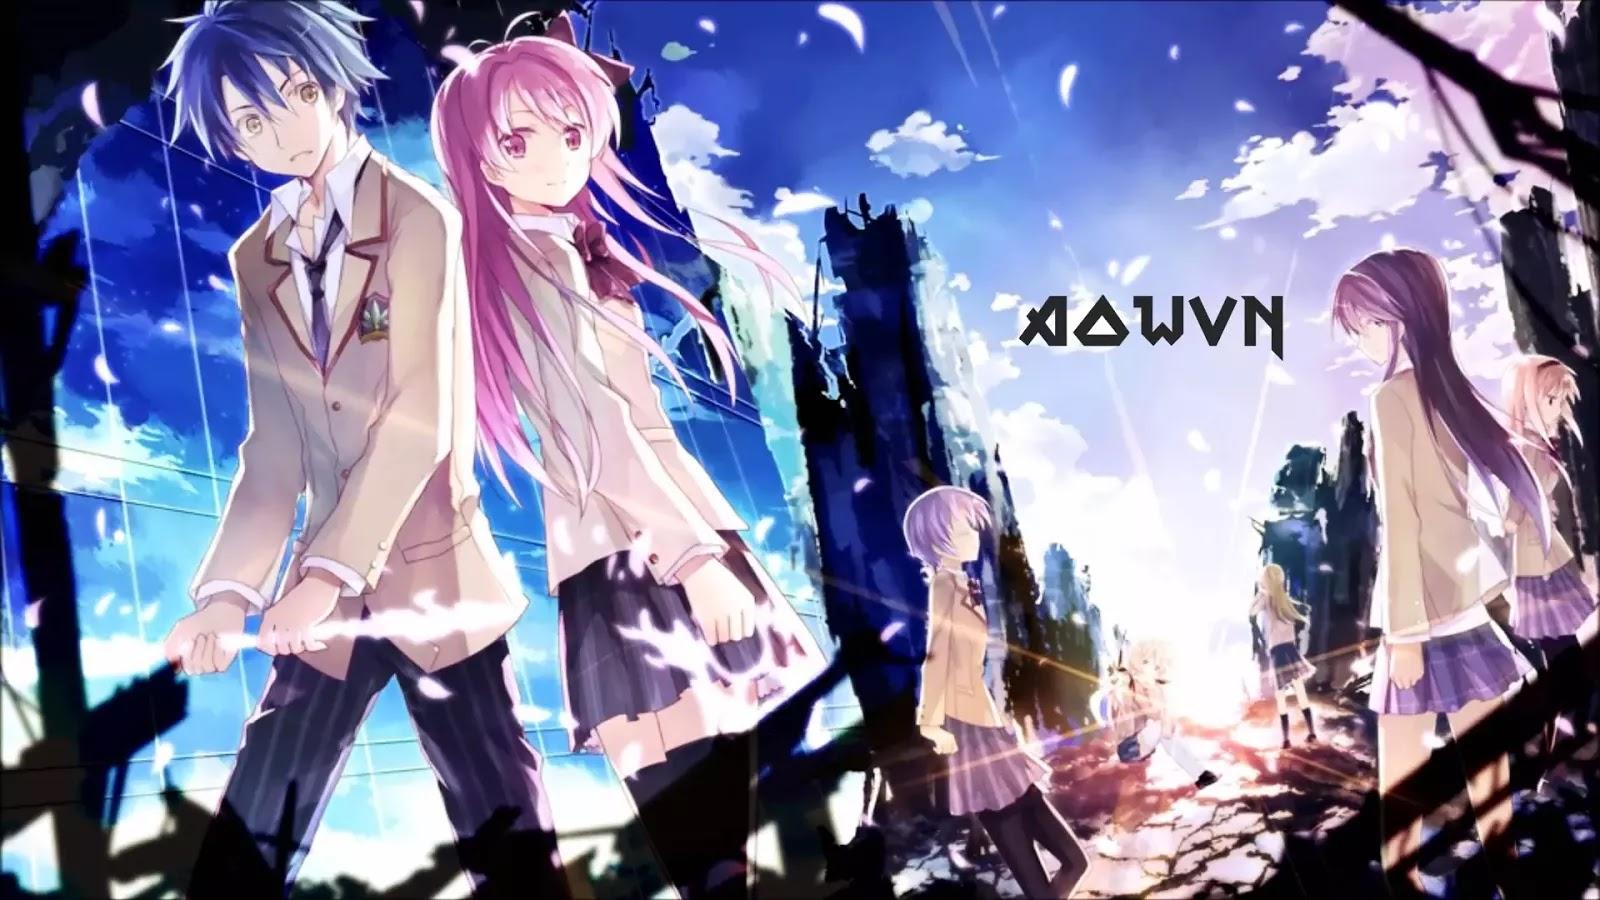 AowVN%2B%25281%2529 - [ Anime 3gp Mp4 ] Chaos;Head BD | Vietsub